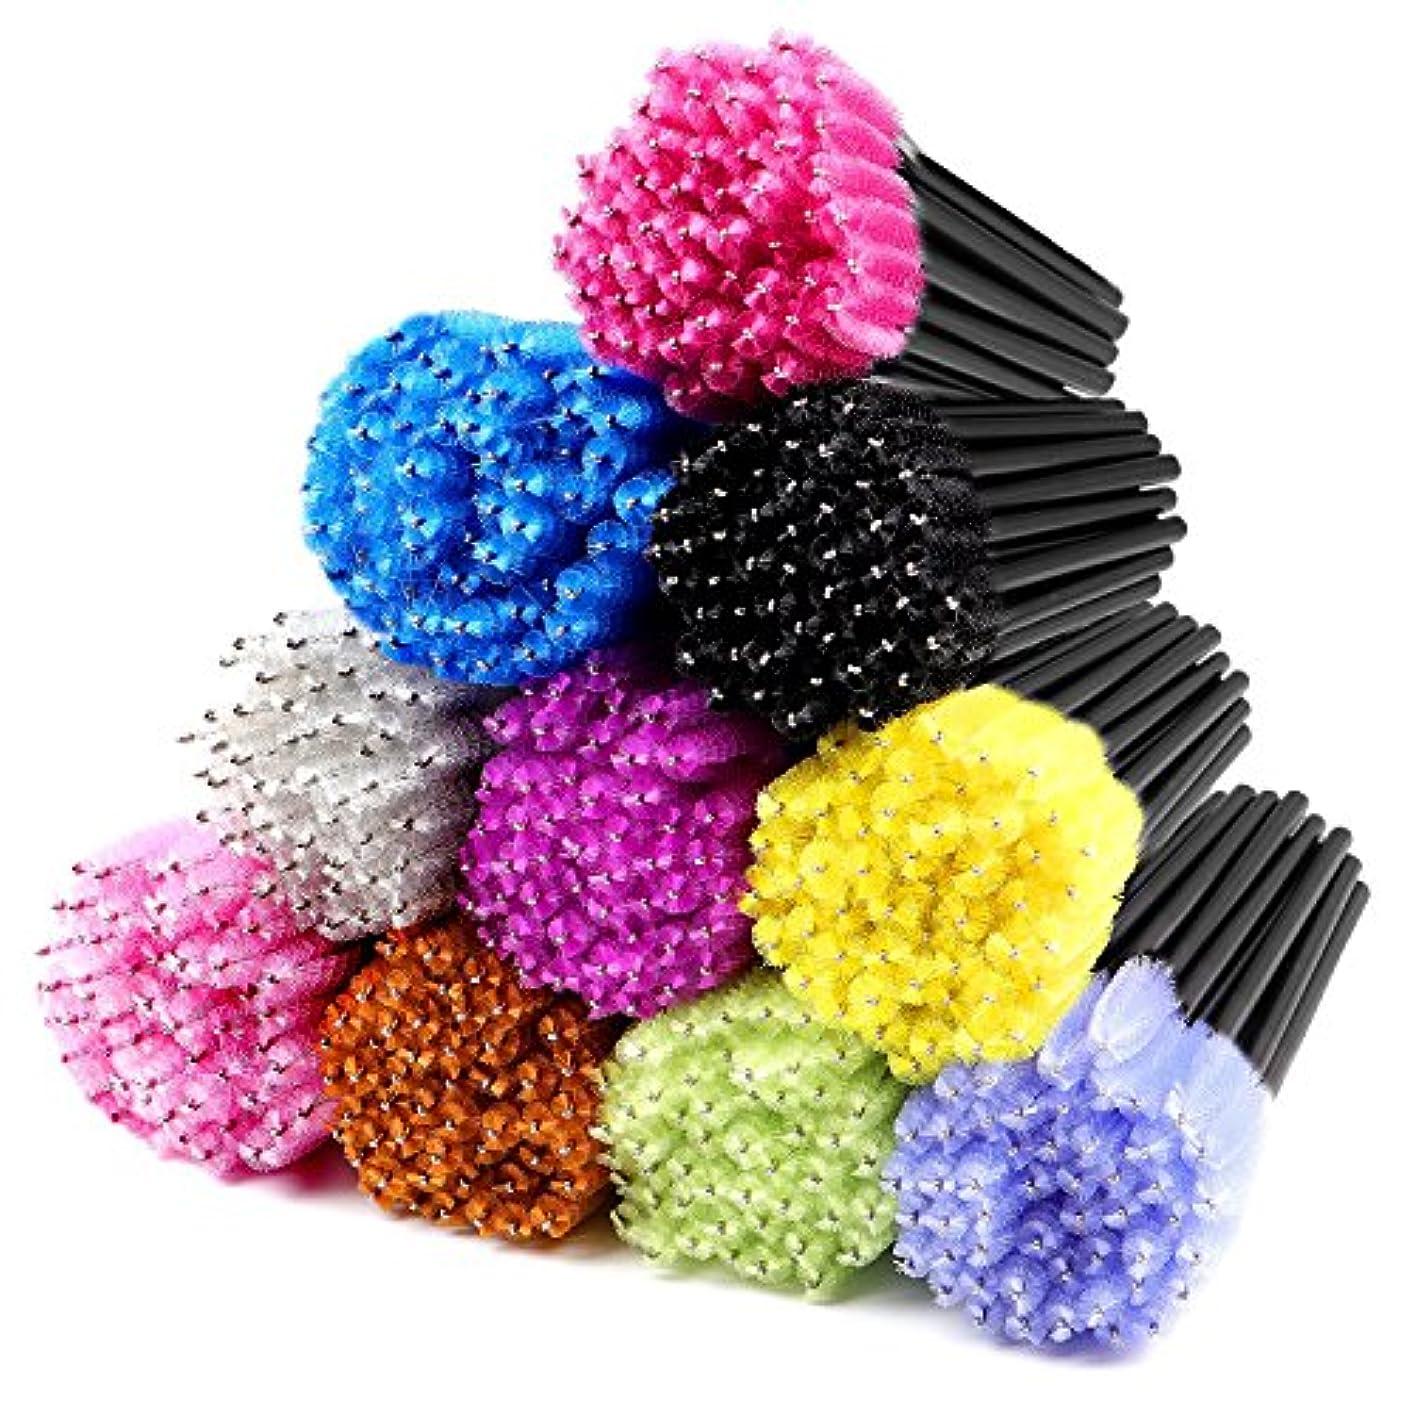 まつげ習字長いですパッケージが含まれる:500ピース多色使い捨てマスカラテスタワンドキットは、10の異なる色のまつげ眉毛色あたり50個ブラシ含みます。